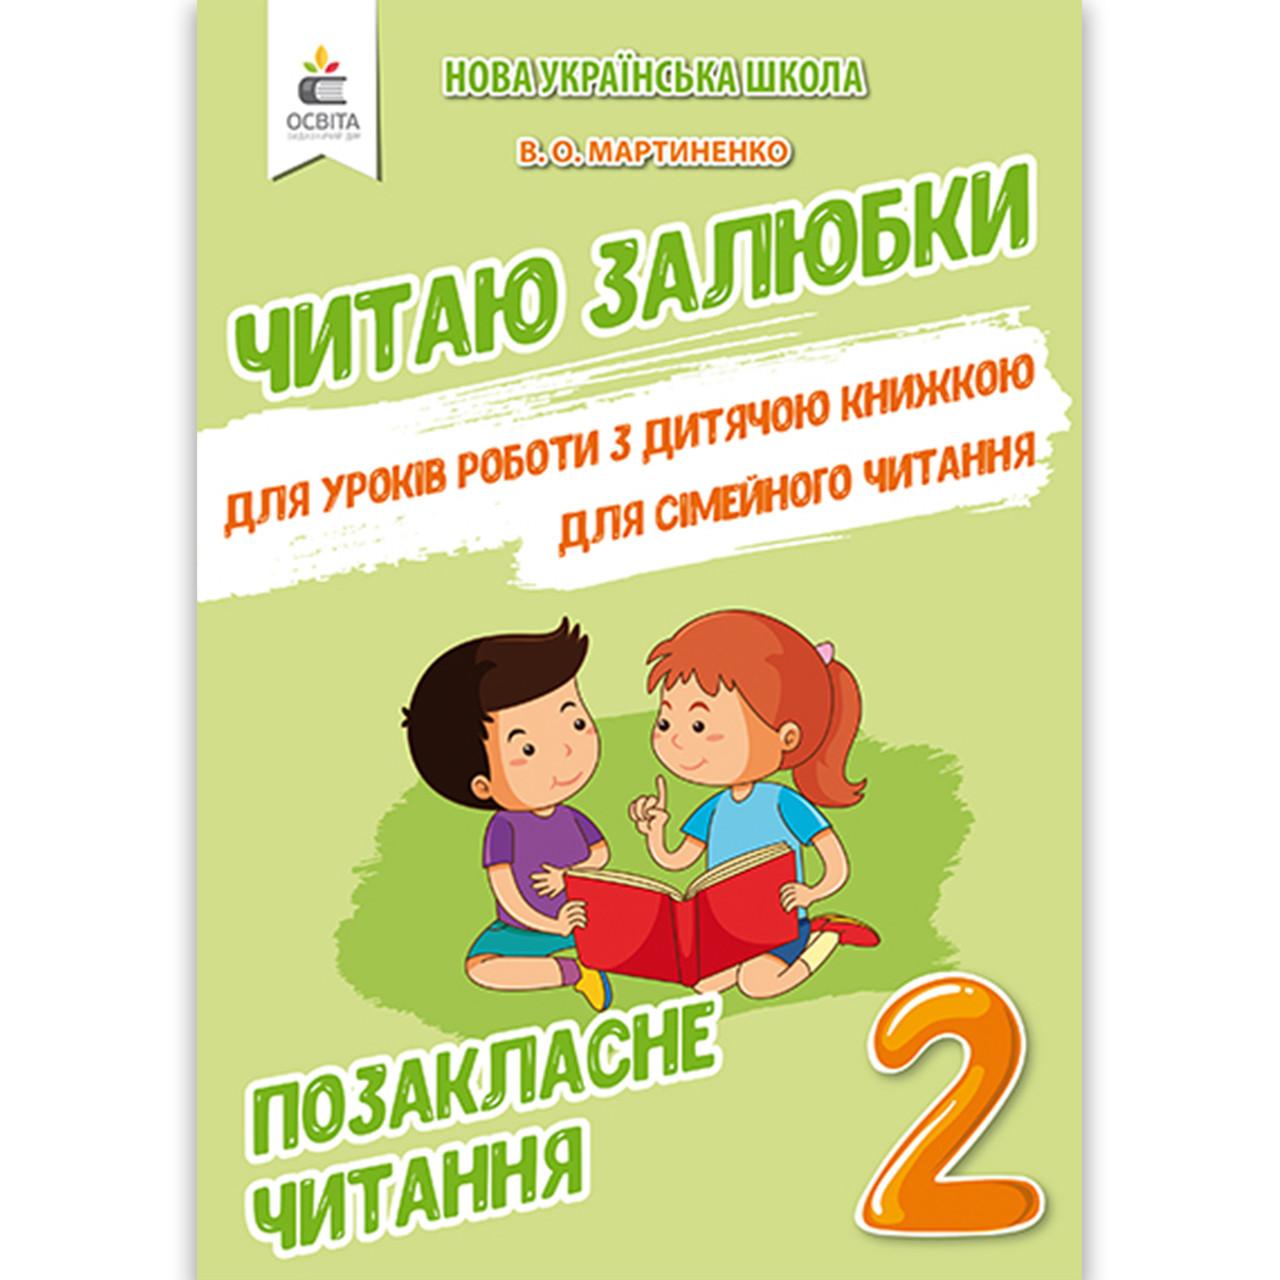 Позакласне читання Читаю залюбки 2 клас Авт: Мартиненко В. Вид: Освіта